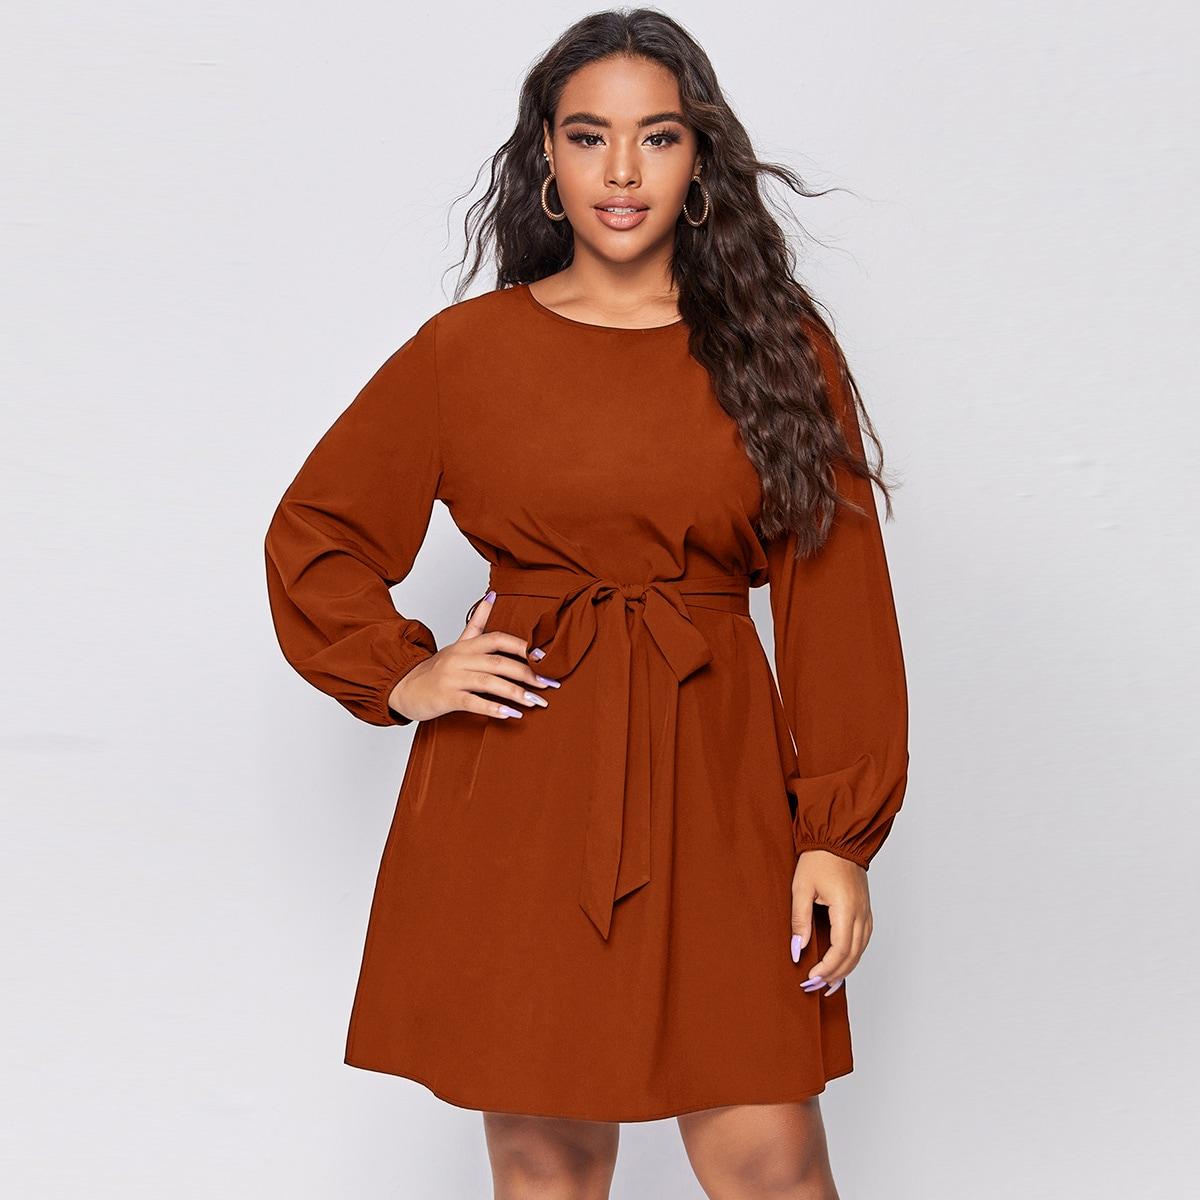 Однотонное платье размера плюс с оригинальным рукавом и поясом